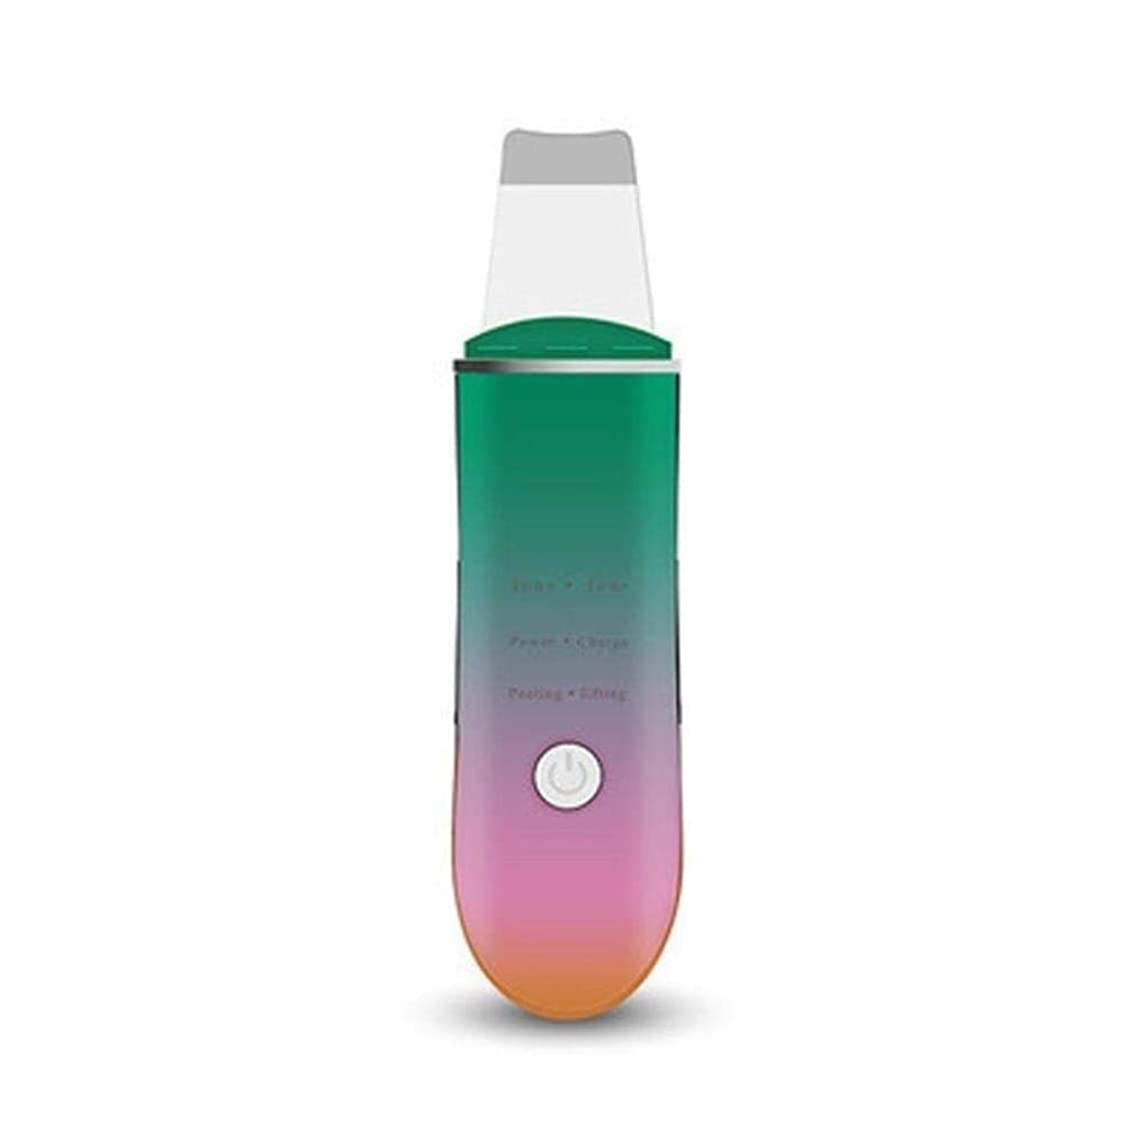 乳情報詩黒ずみを除去するためのフェイシャルスキンスクラバーポータブル超音波フェイススクラバースキンケア剥離しわ除去機クリーナーフェイシャルビューティーデバイス (Color : A1)